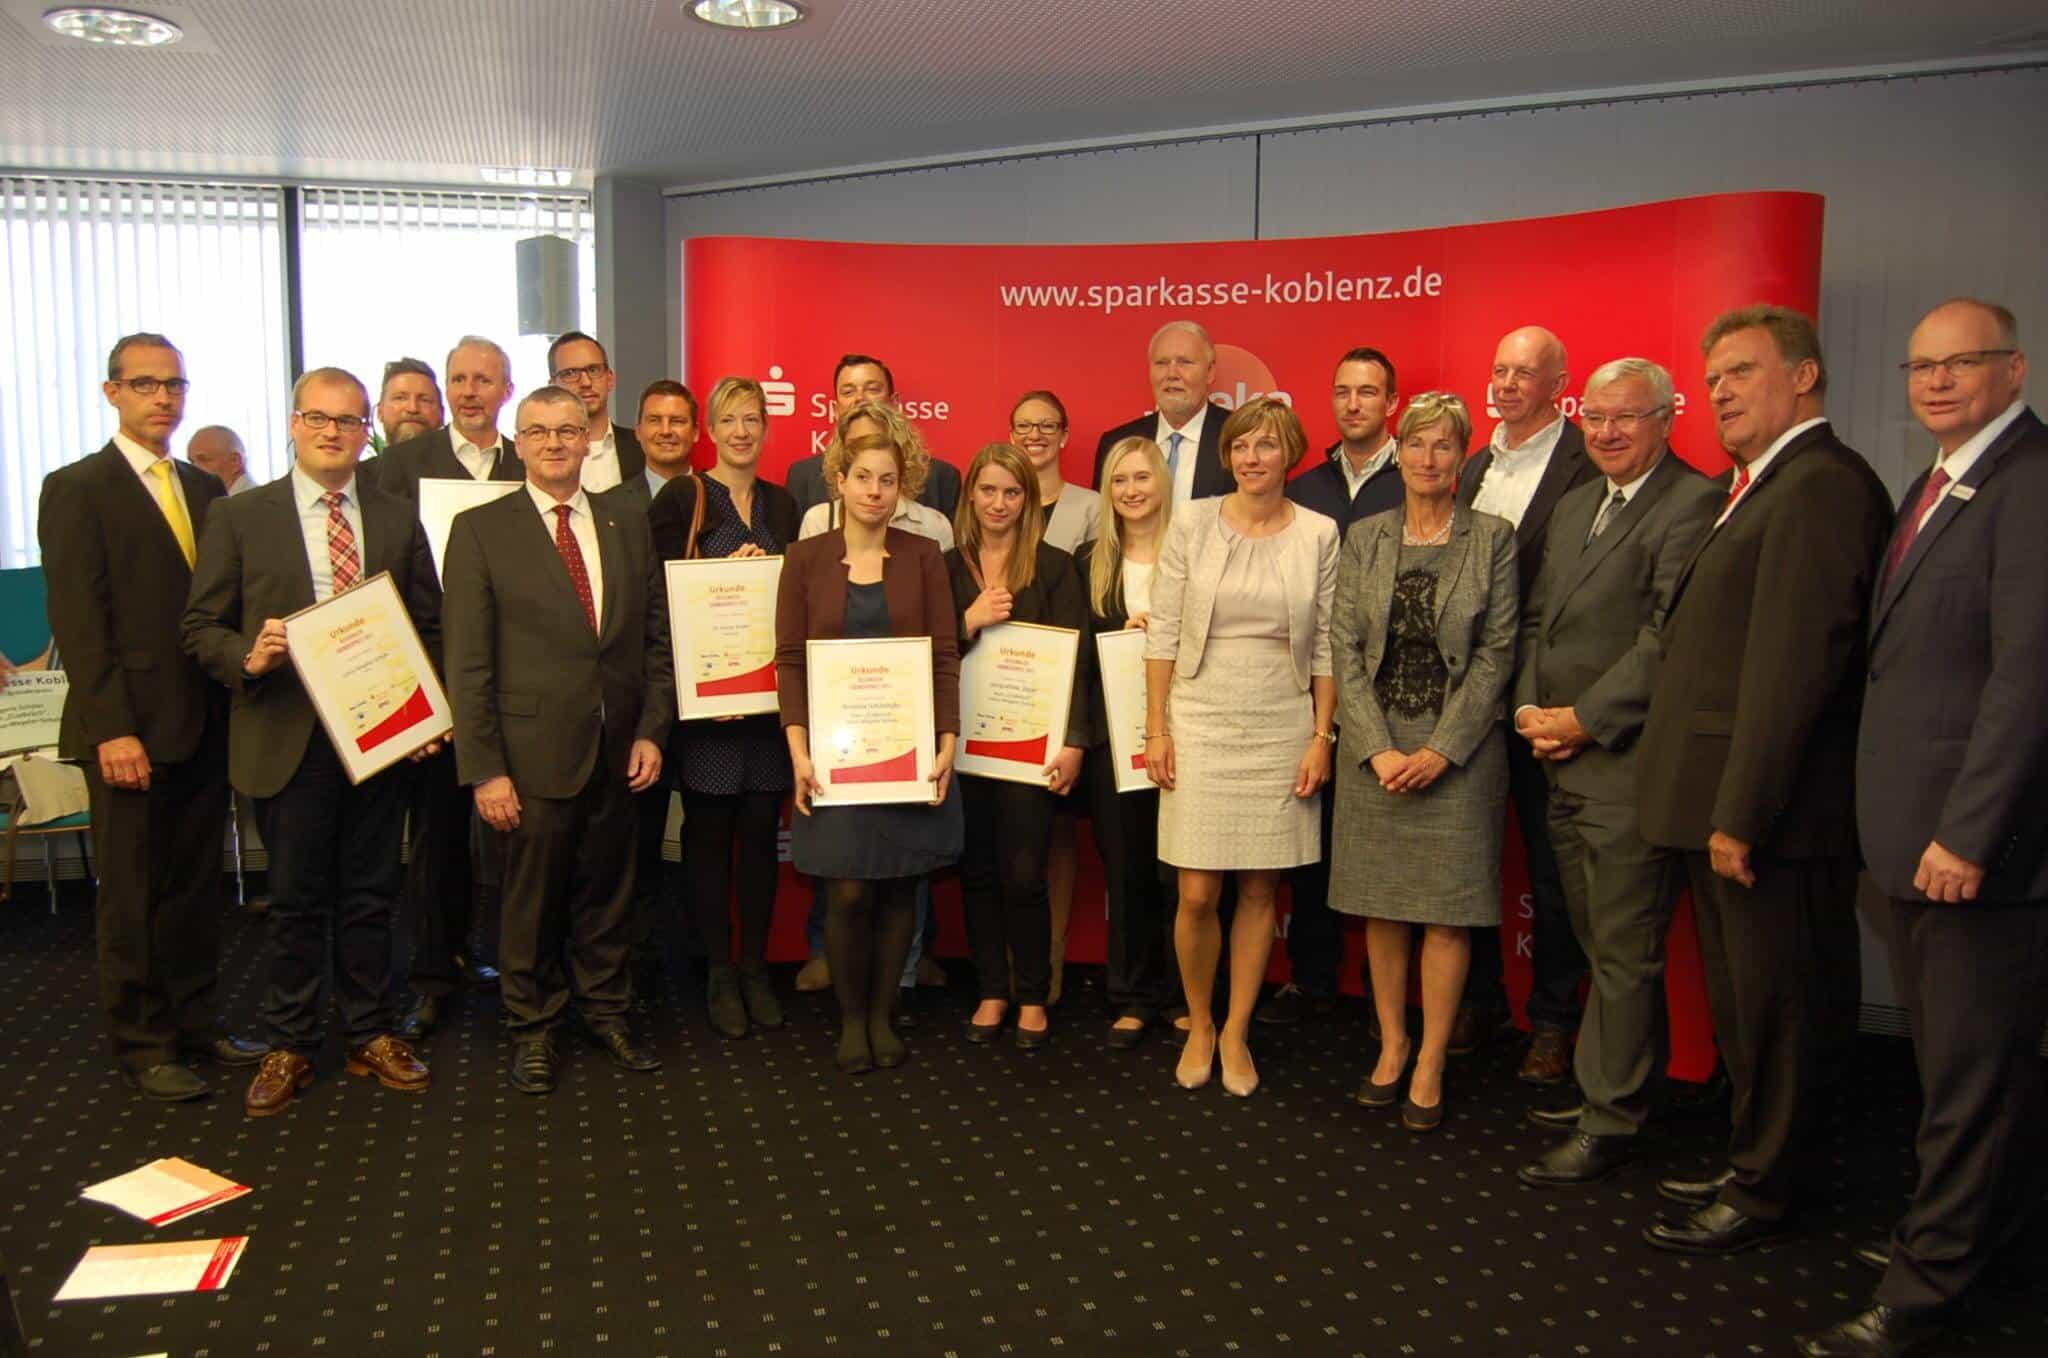 Regionaler Gründerpreis 2017: Gruppenbild mit Preisträgern, Laudatoren und Vorständen der Sparkasse Koblenz.